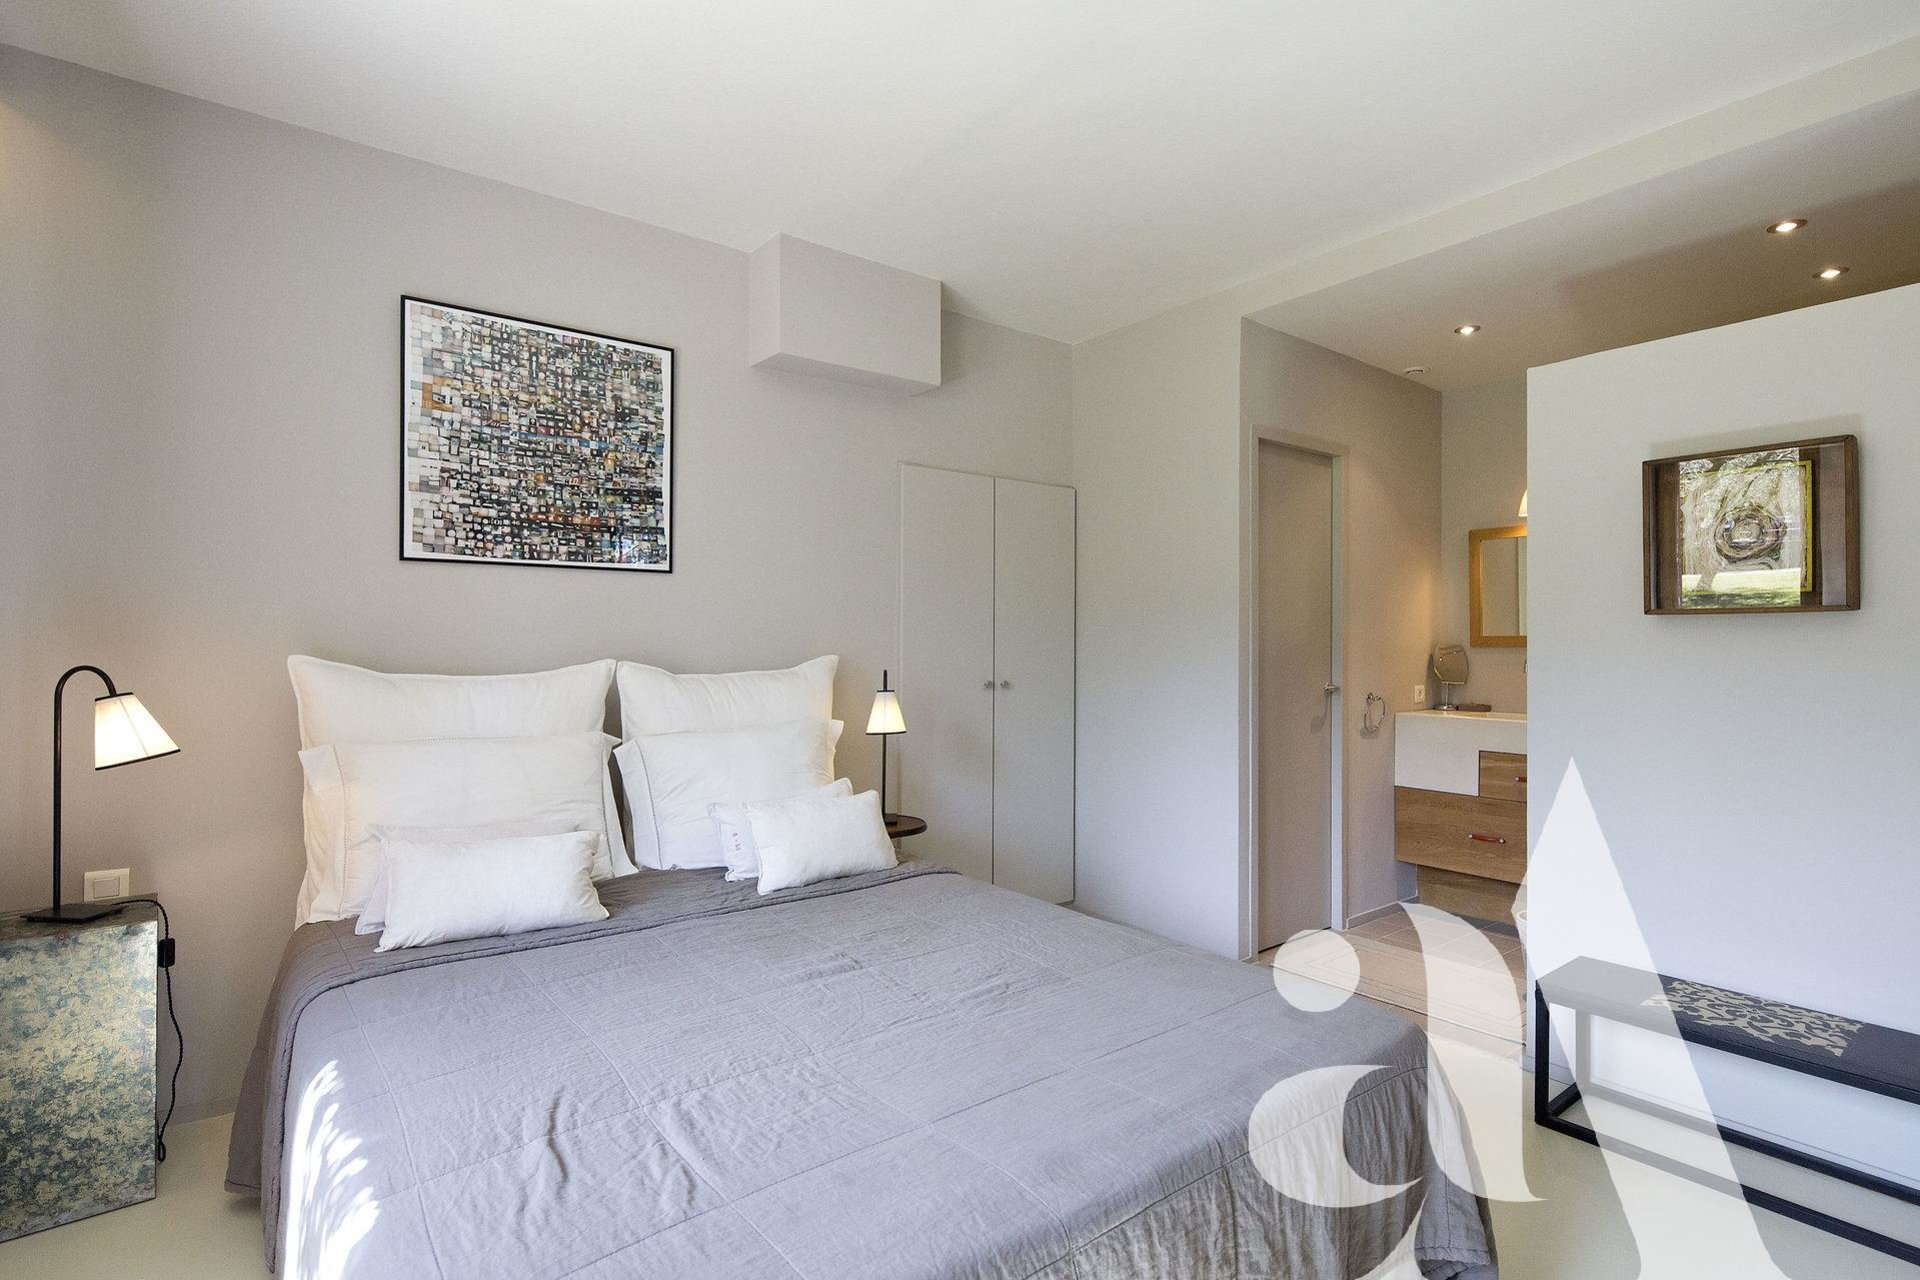 LE MAS DES LAVANDES - ST-REMY DE PROVENCE - 7 chambres - 12 personnes